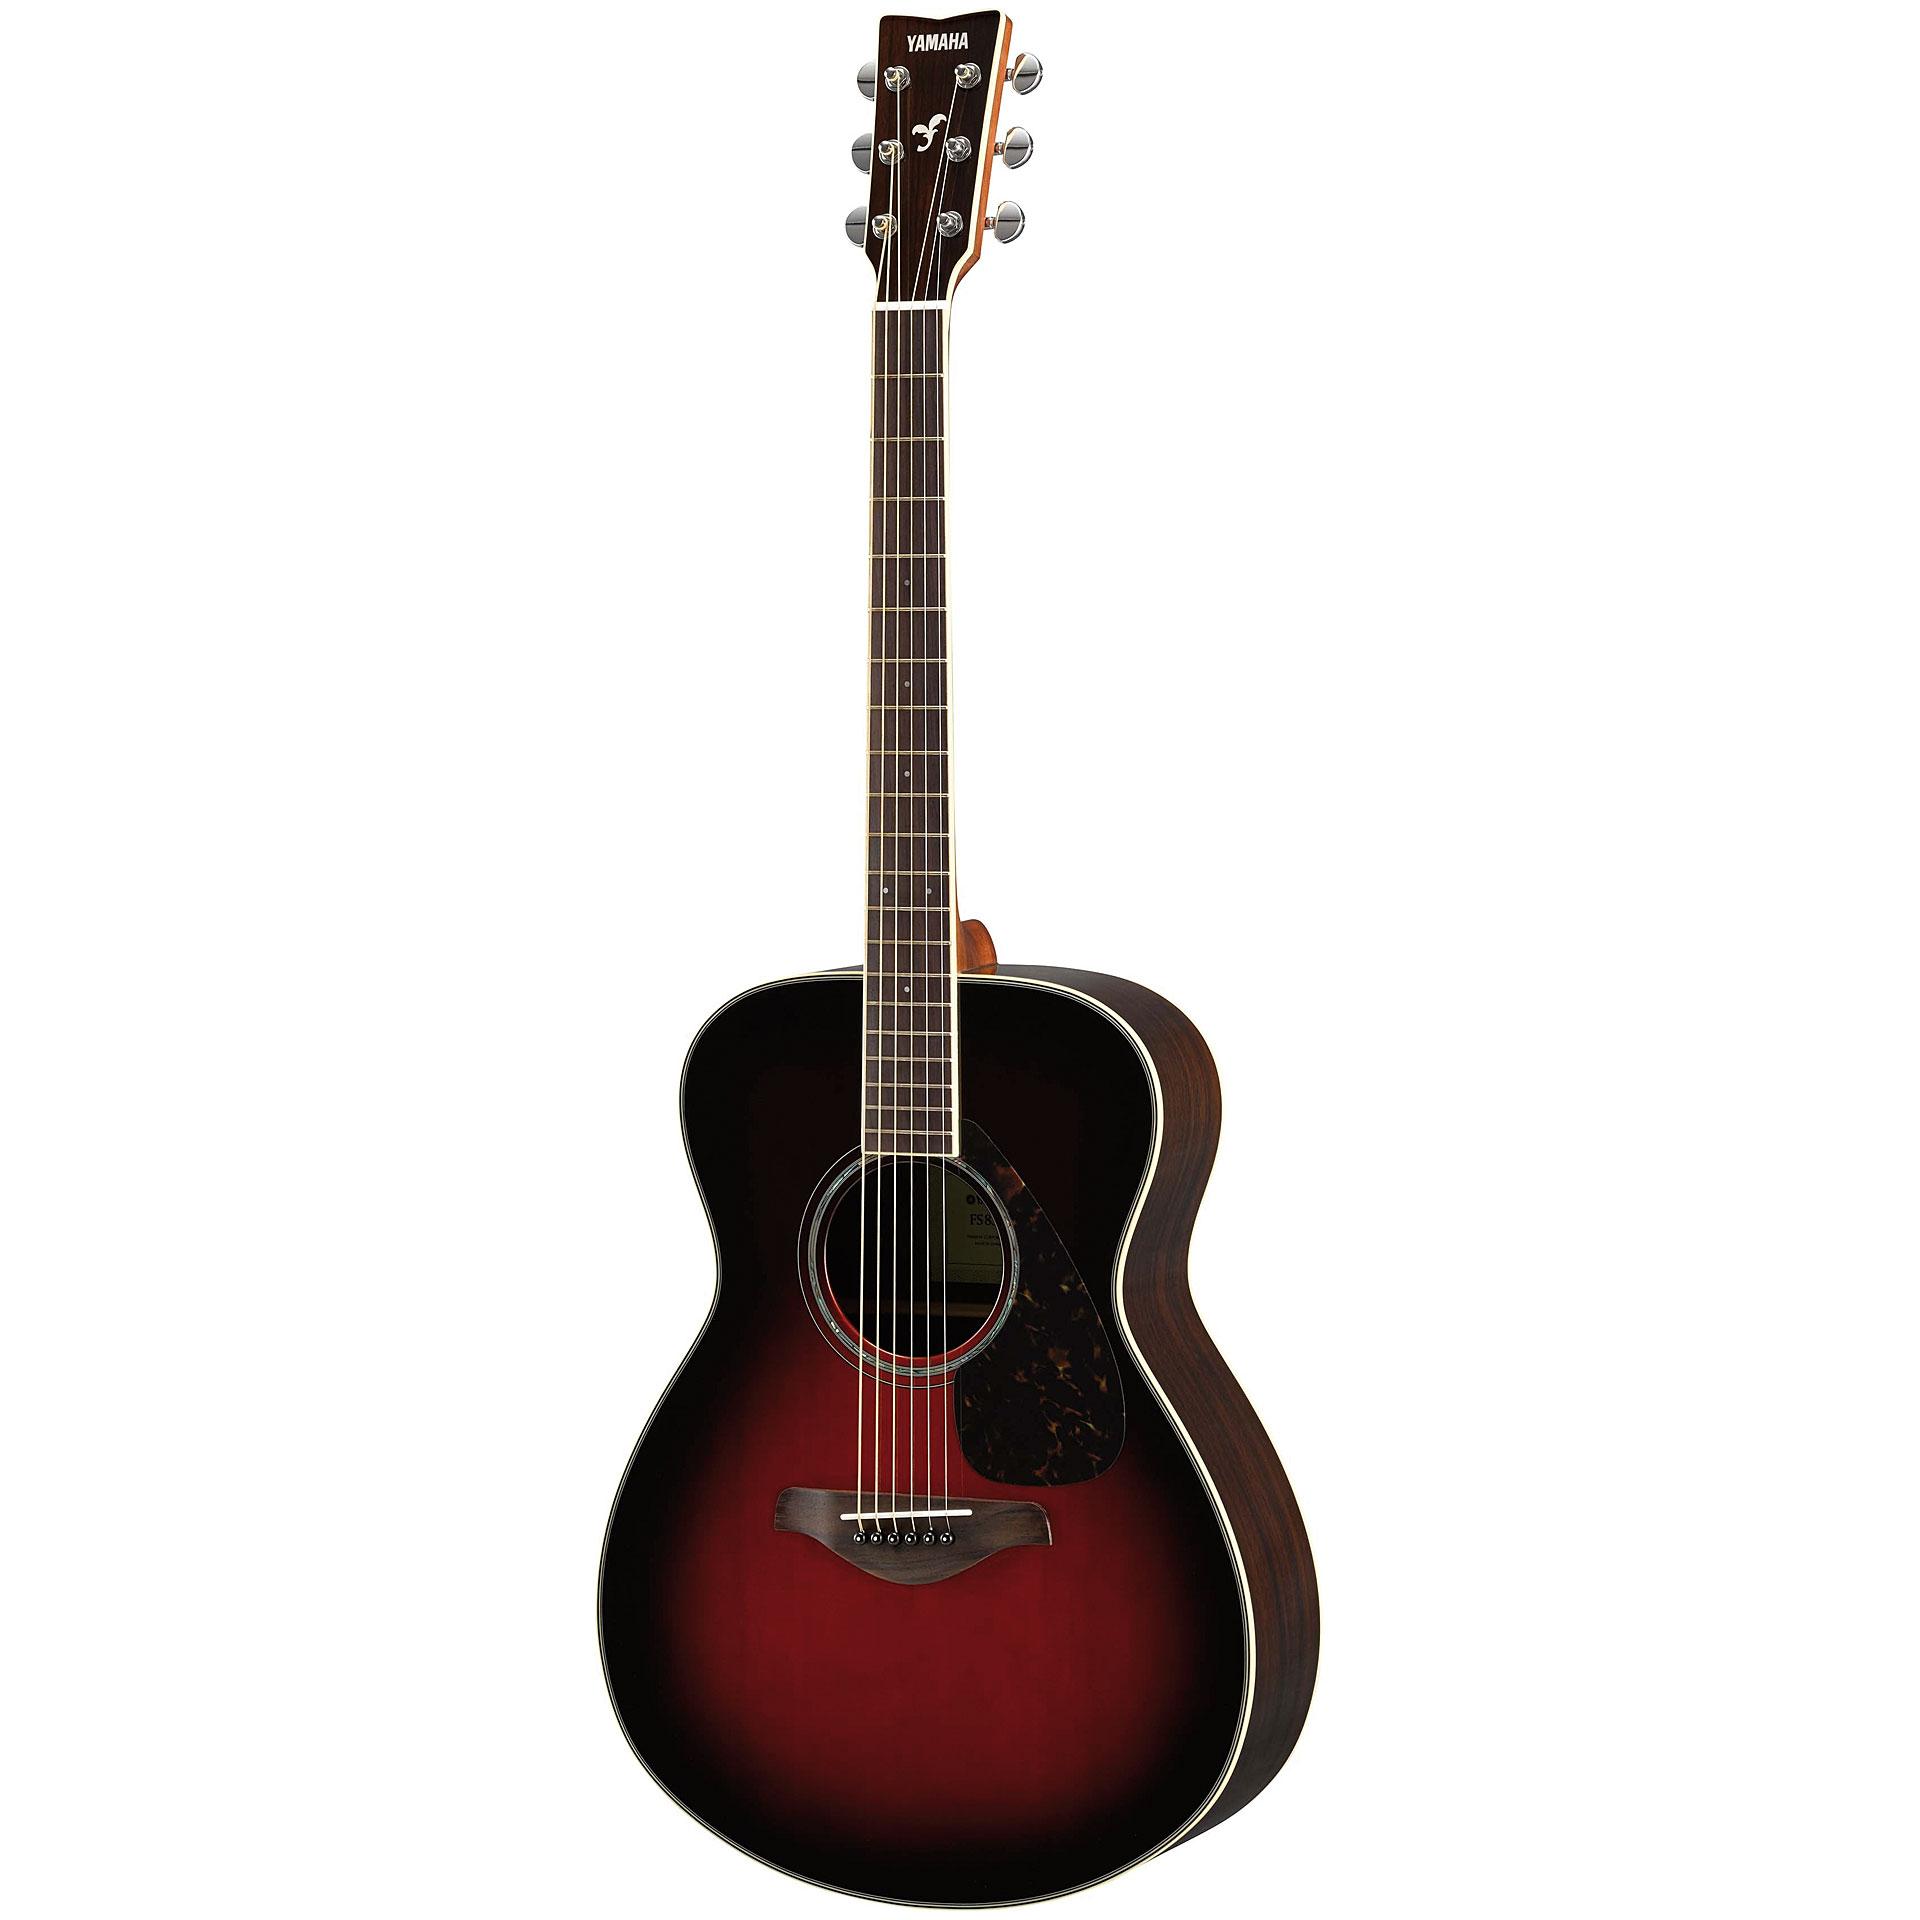 Yamaha fs830 tbs acoustic guitar for Yamaha fs 310 guitar